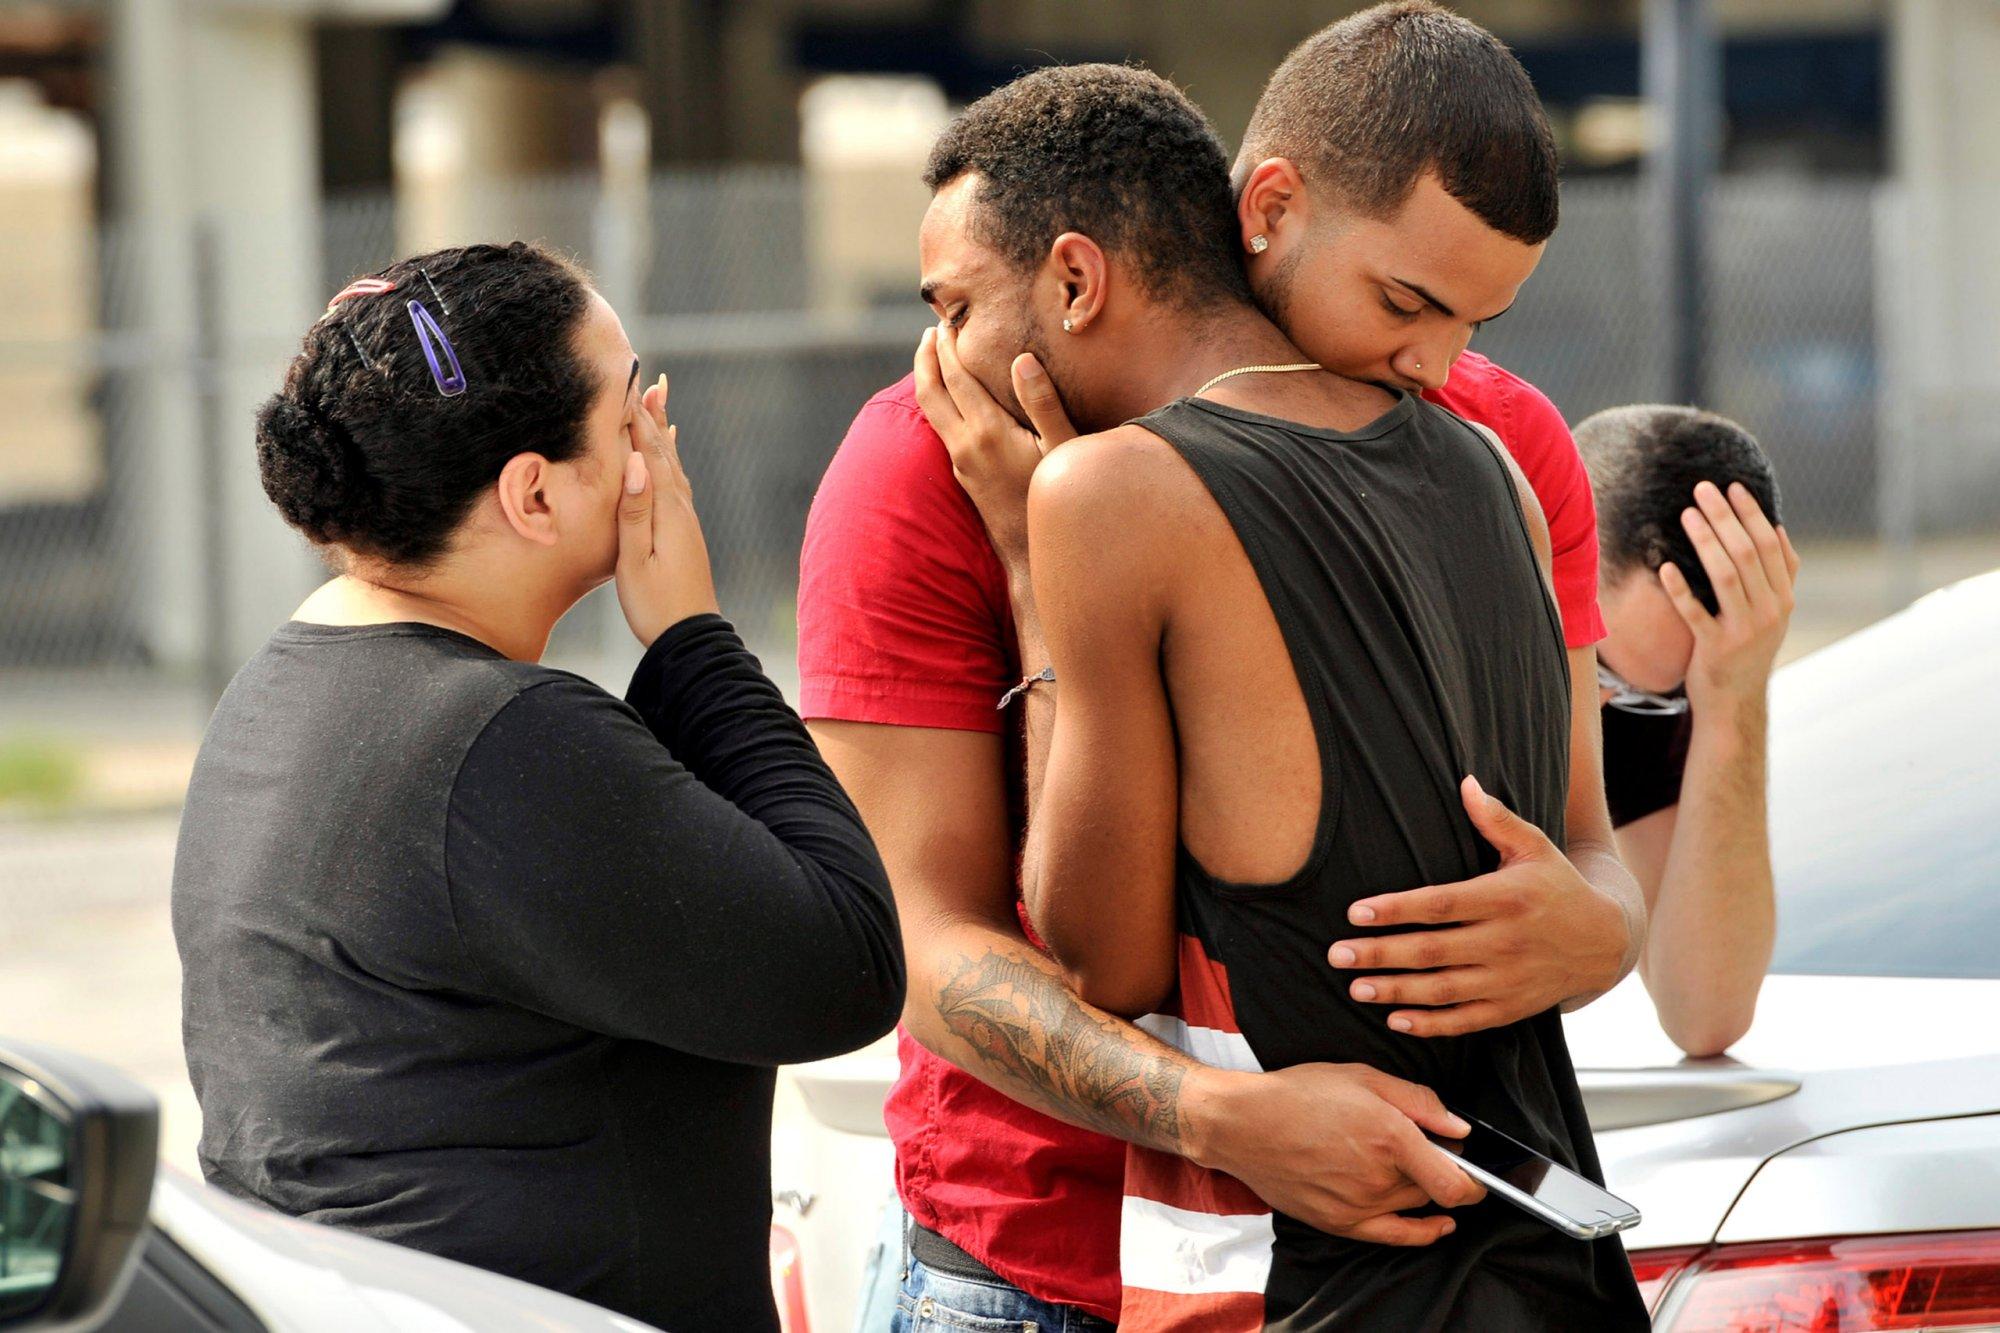 Орландо: 7 хоногт гарсан 3 аймшигт хэрэг